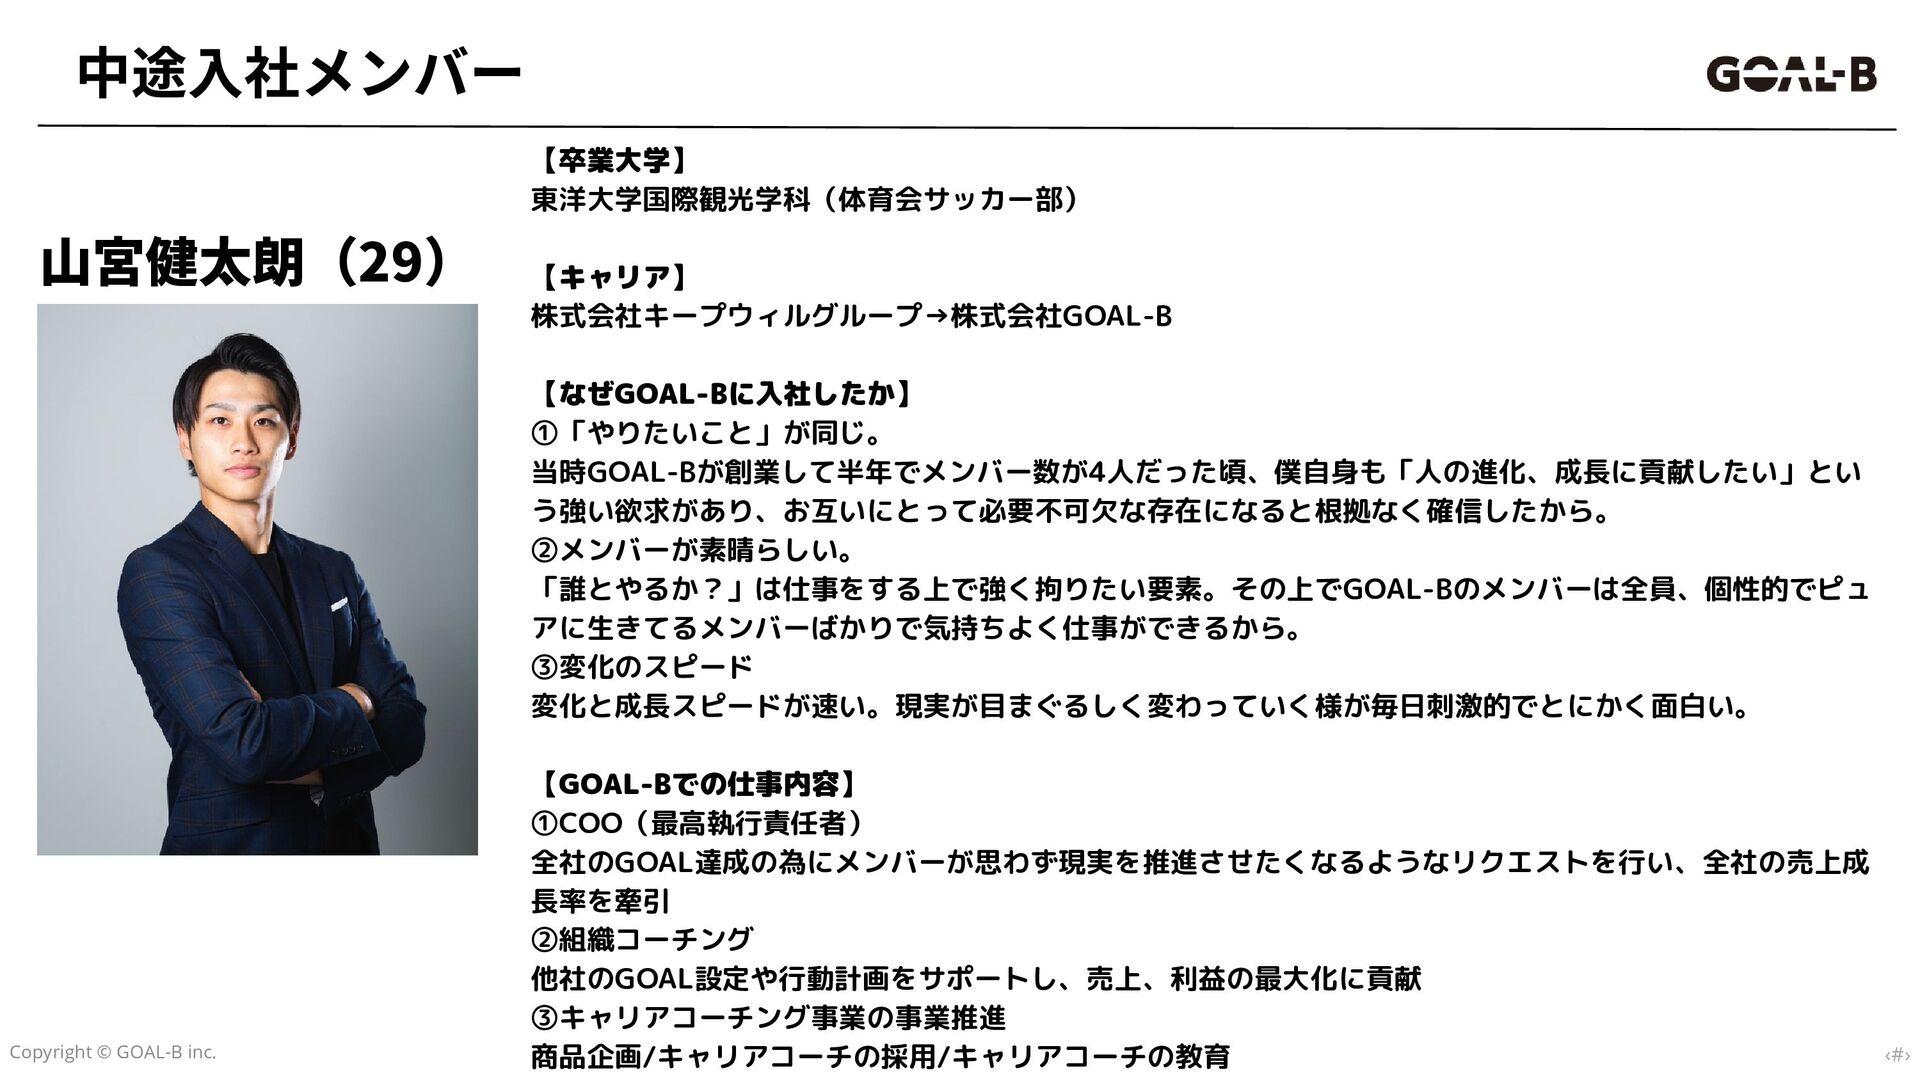 メンバー紹介 中川利右司 GOAL-BCOACHING 責任者/コーチ 理学療法⼠として働...